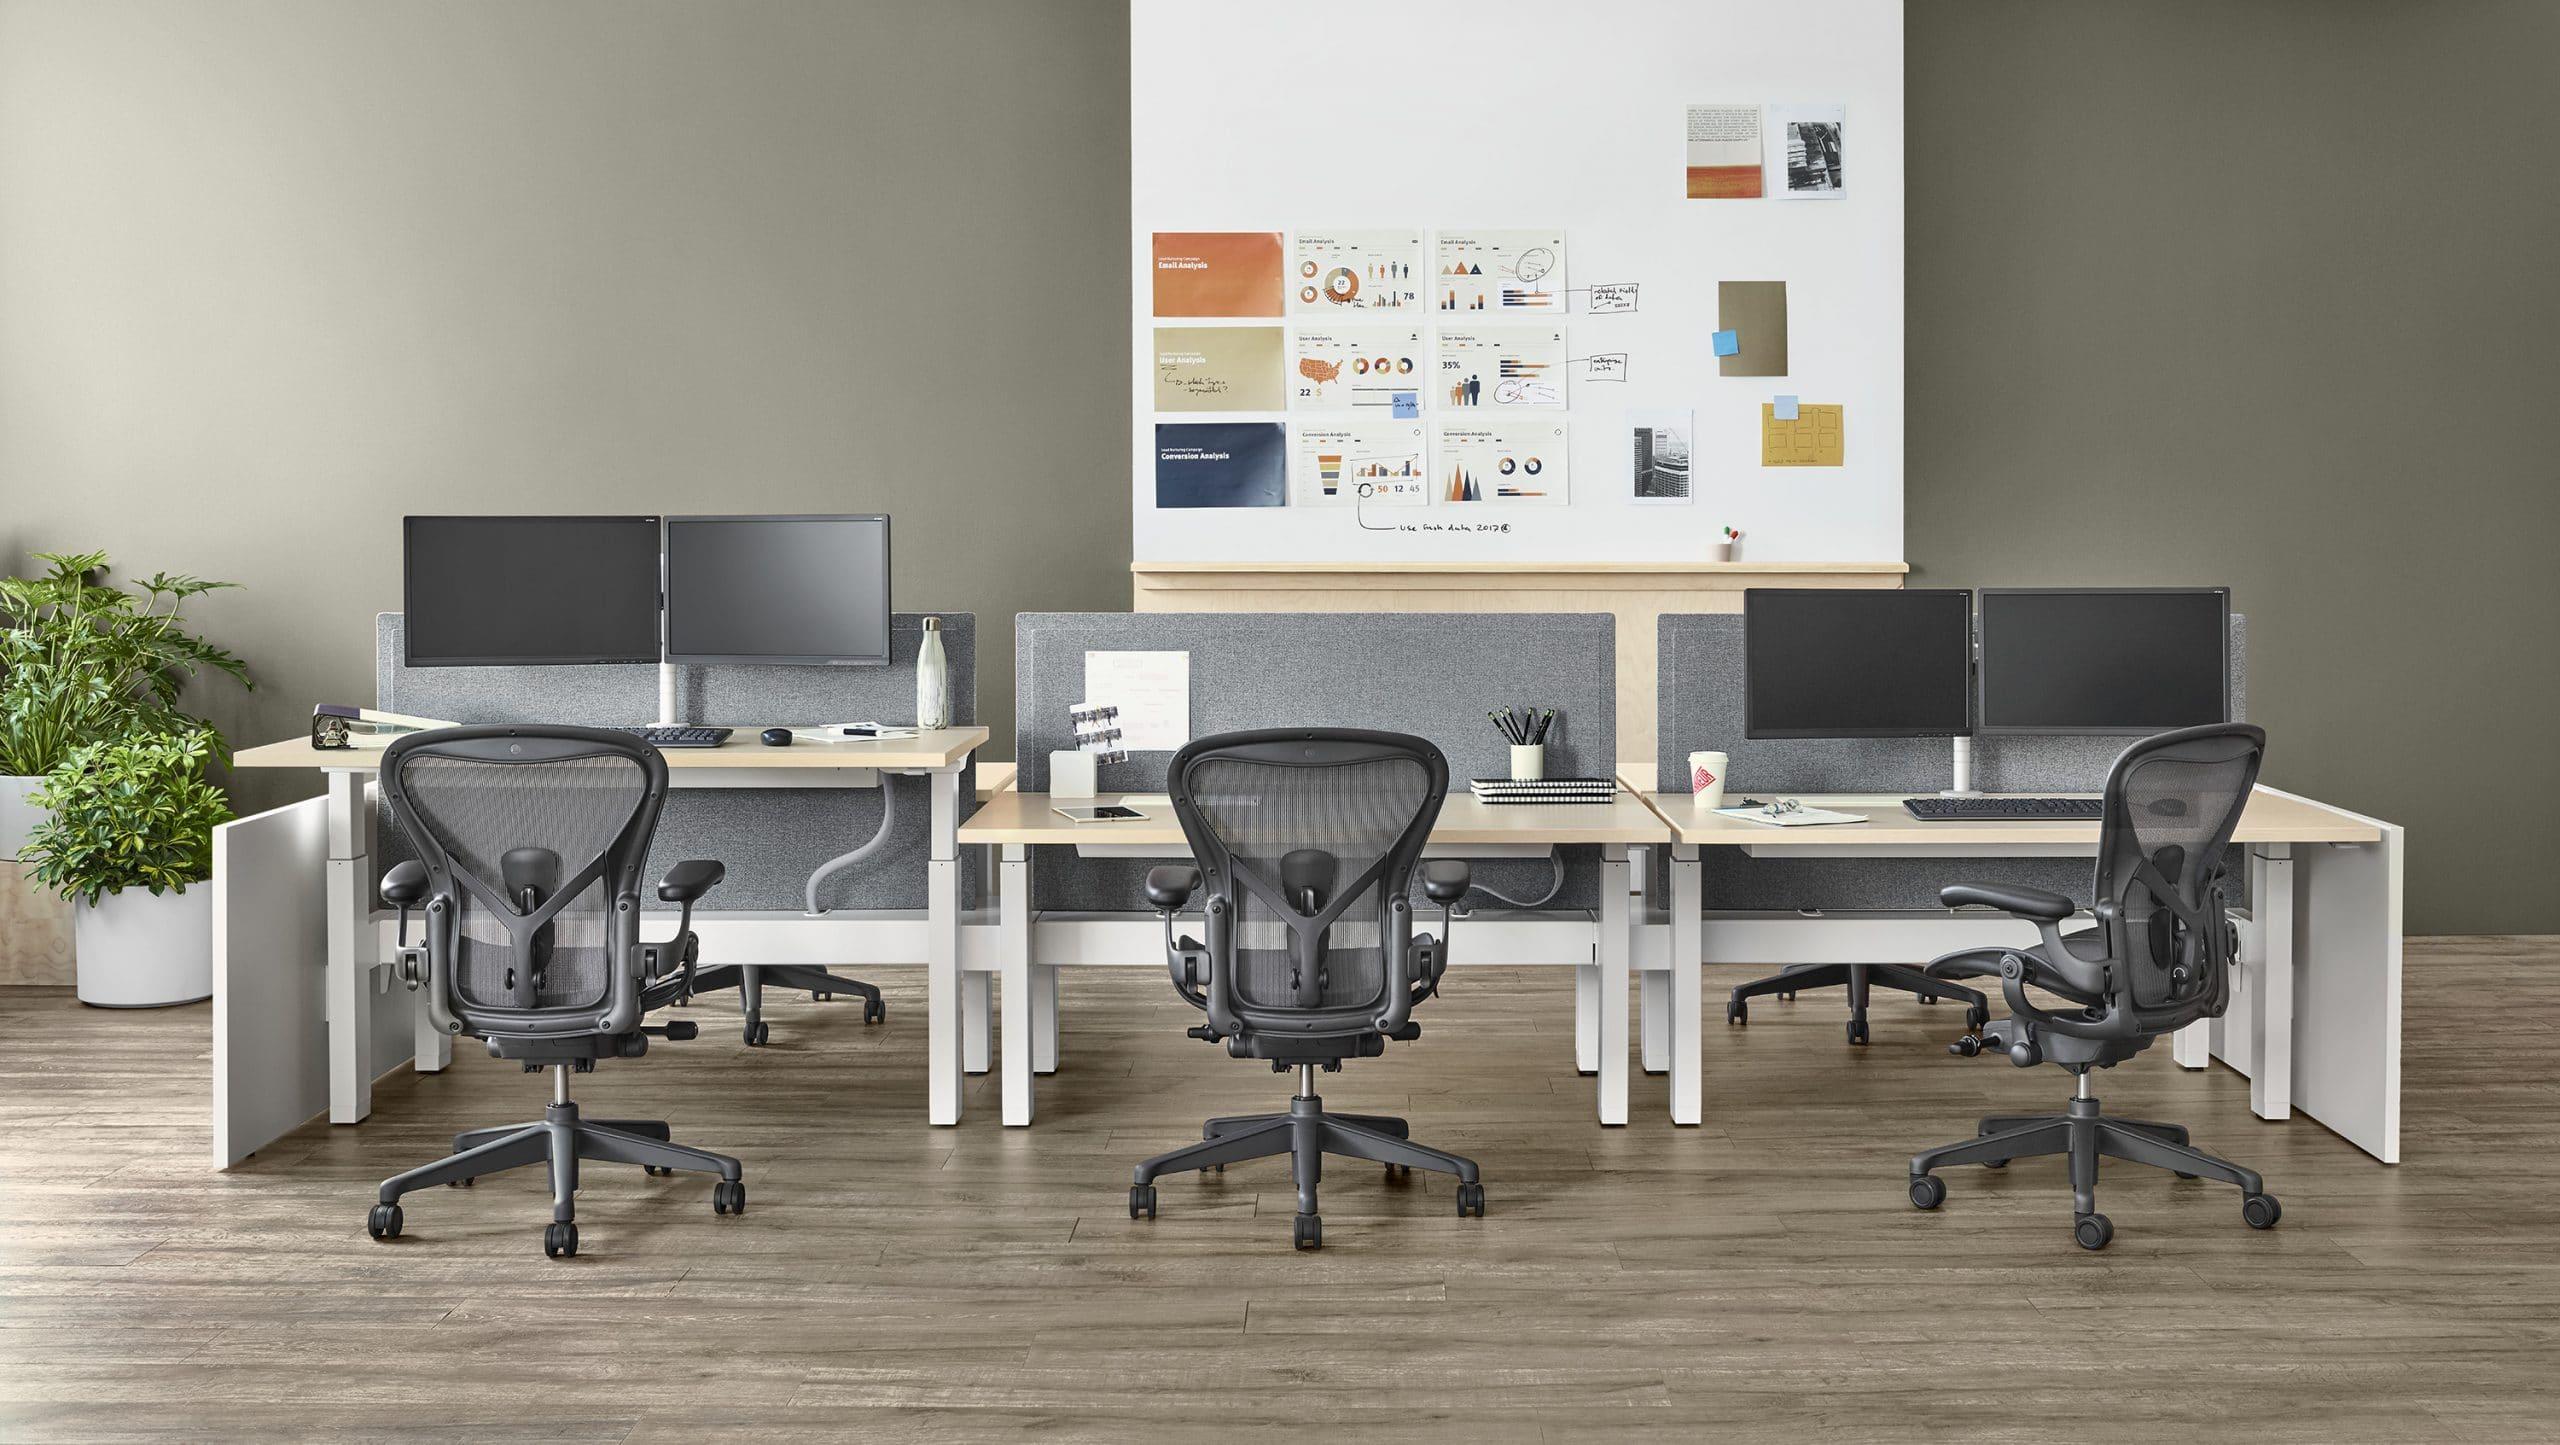 ilha de trabalho com Aeron Chair